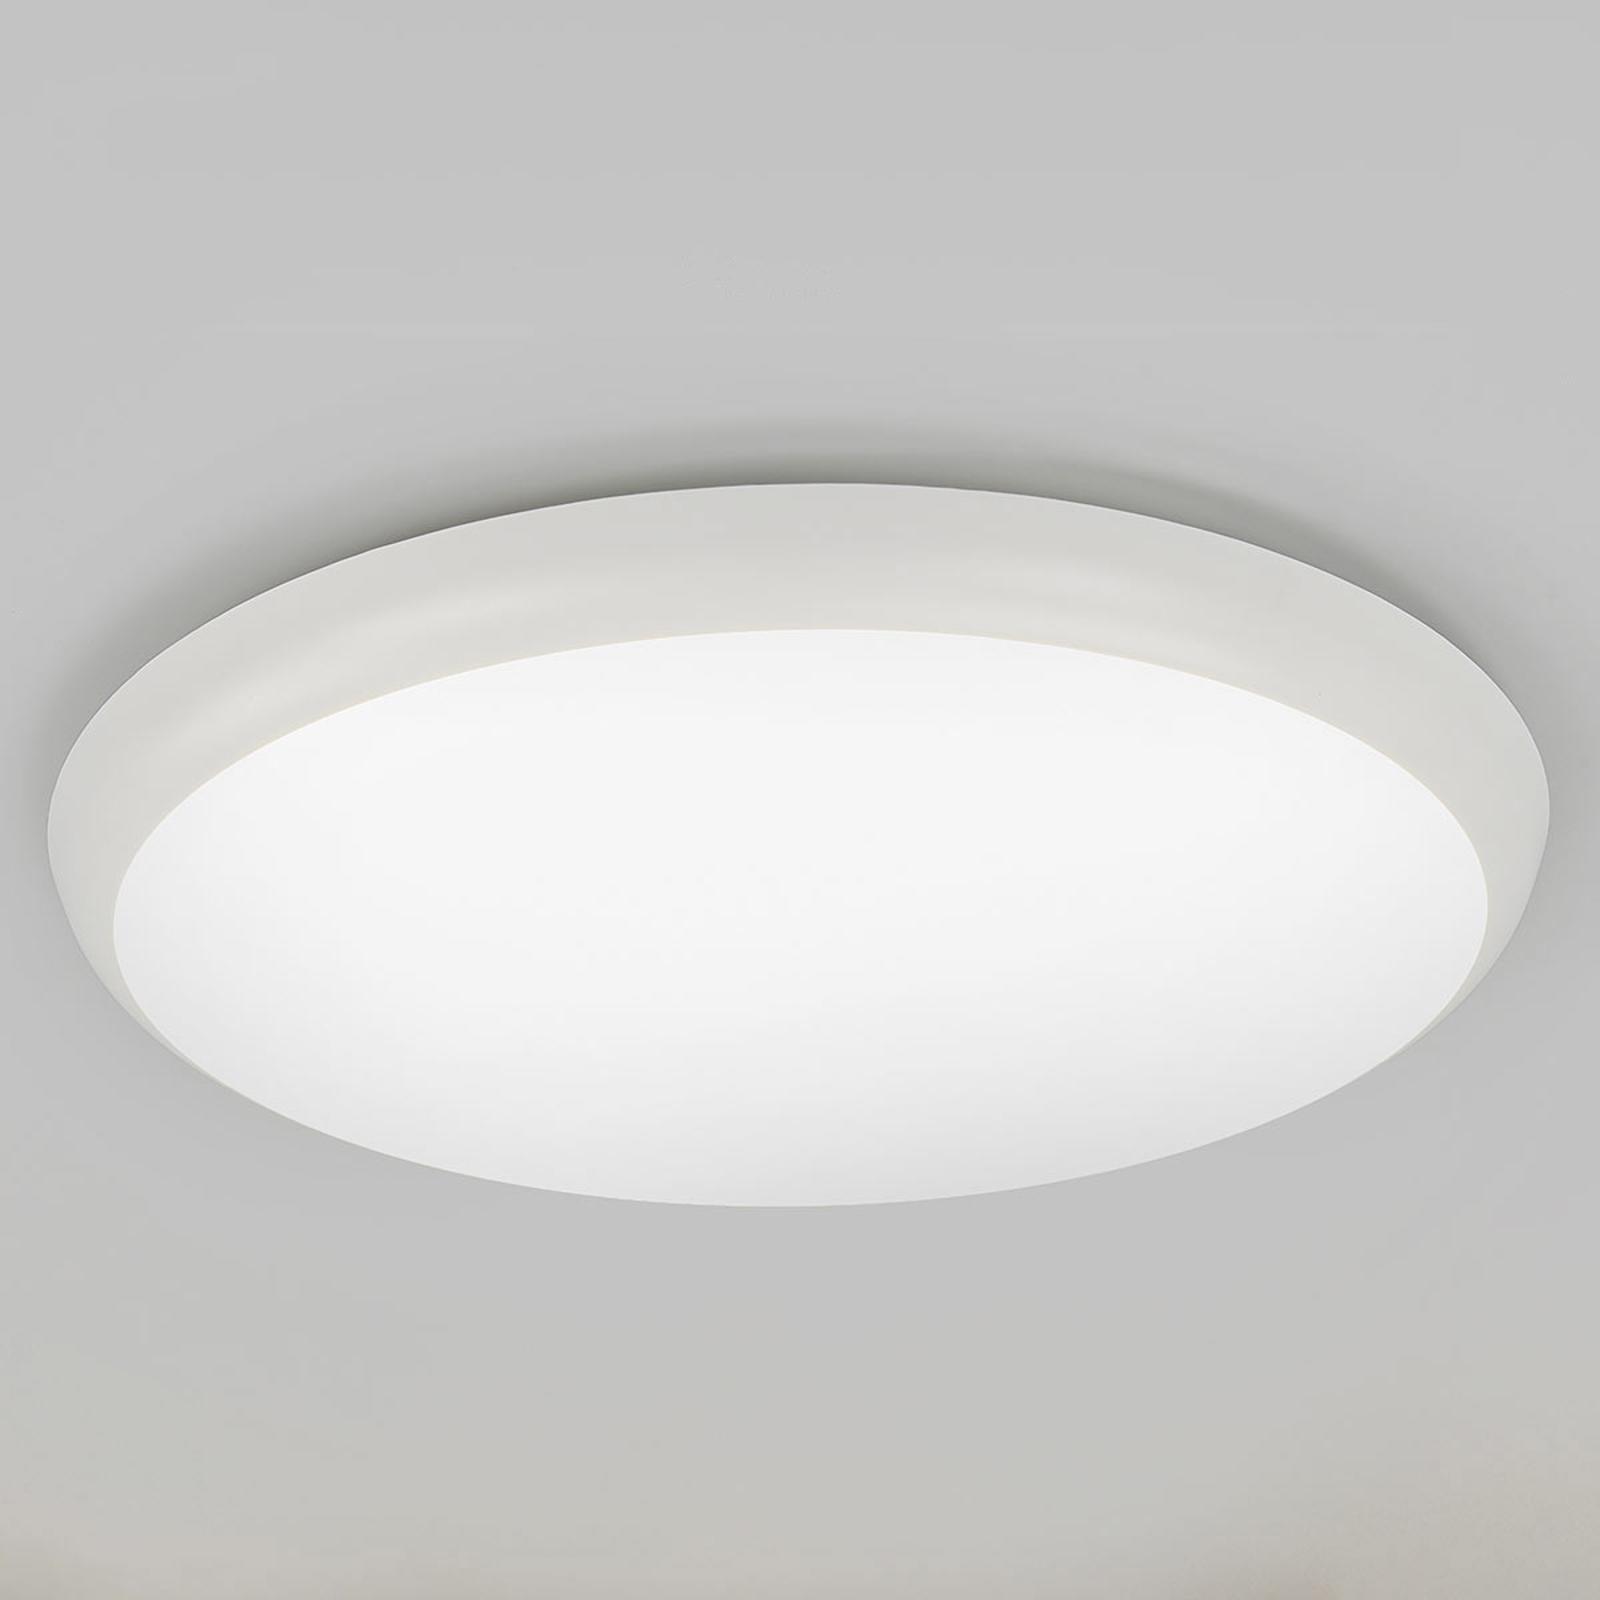 Augustin plafoniera LED di forma rotonda, 40 cm